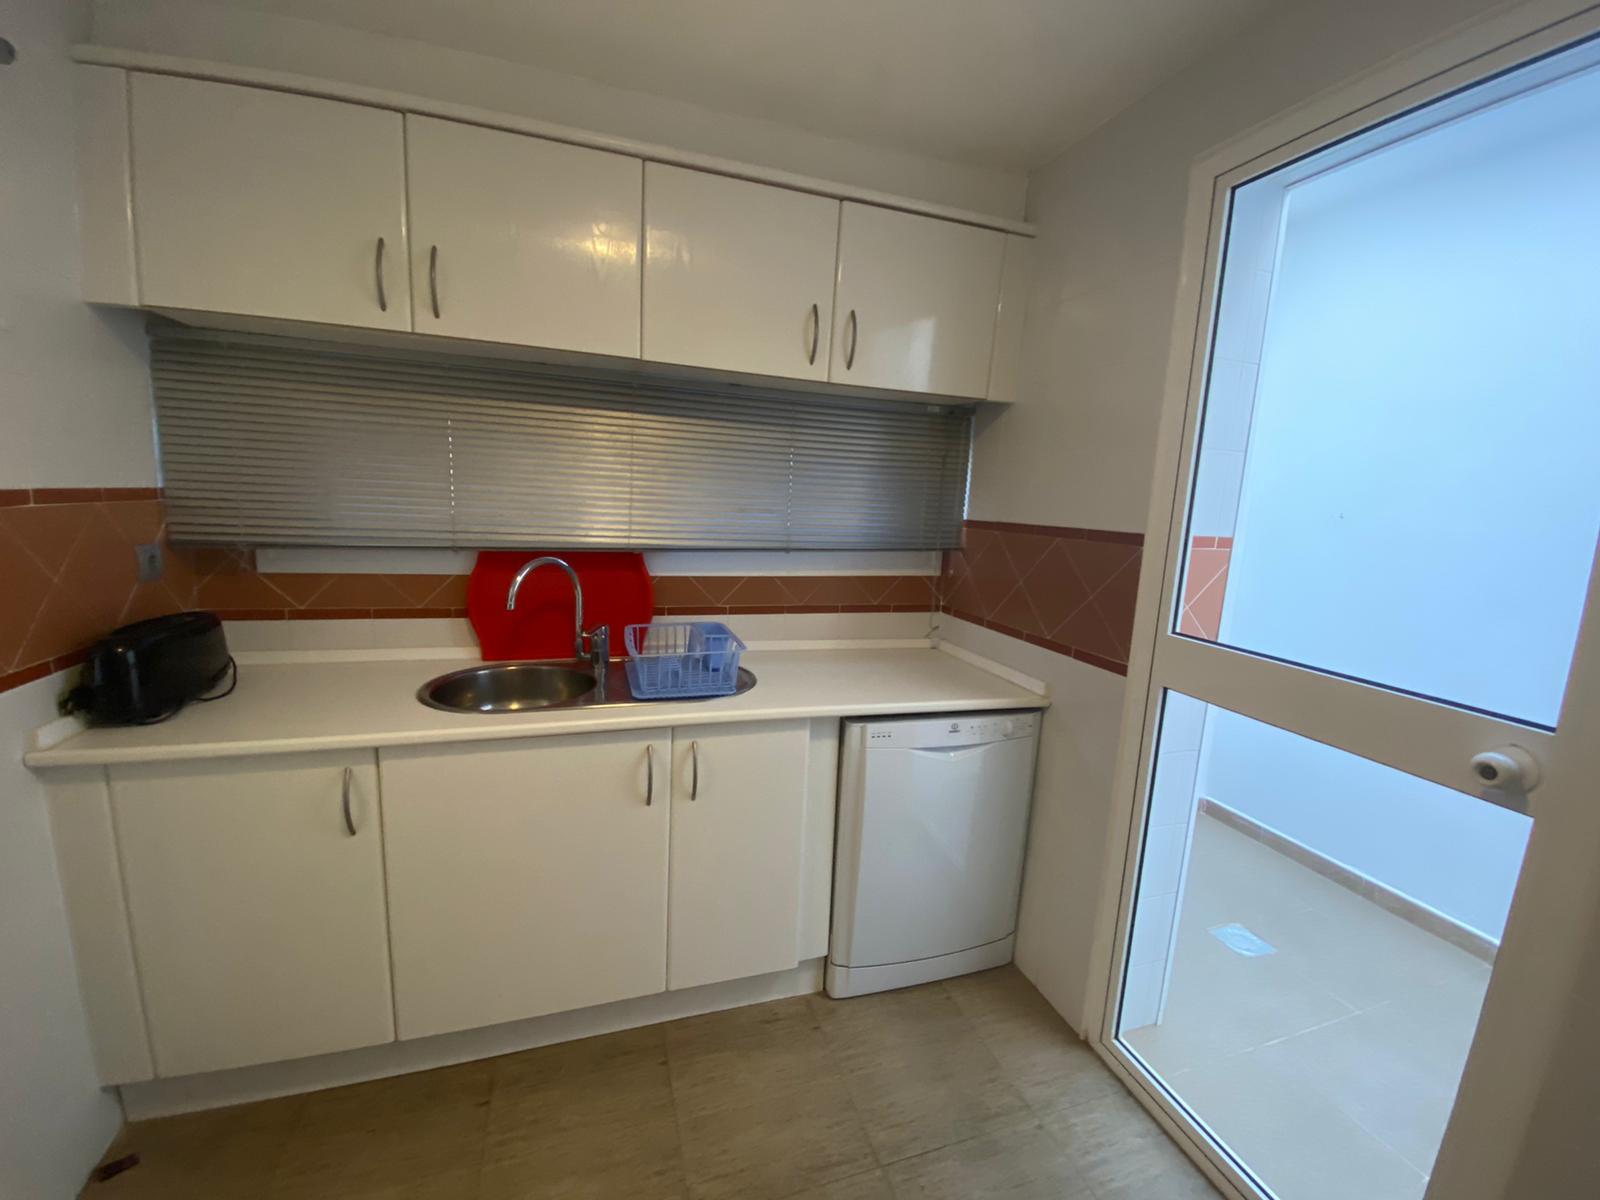 Imagen 18 del Apartamento Turístico, Ático 6 Levante (3d+2b), Punta del Moral (HUELVA), Paseo de la Cruz nº22